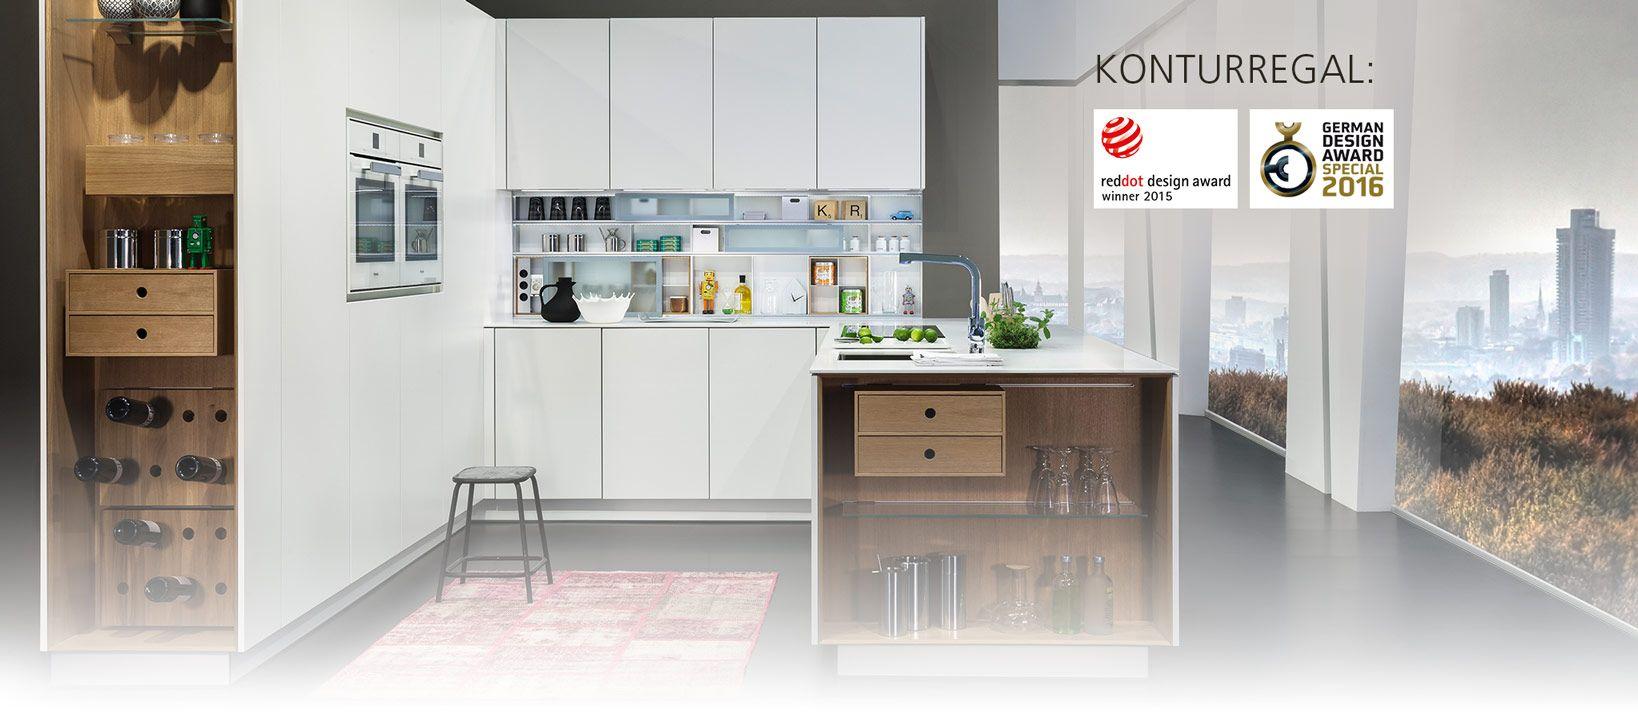 Warendorfer Küchen warendorfer küchen gmbh home küche